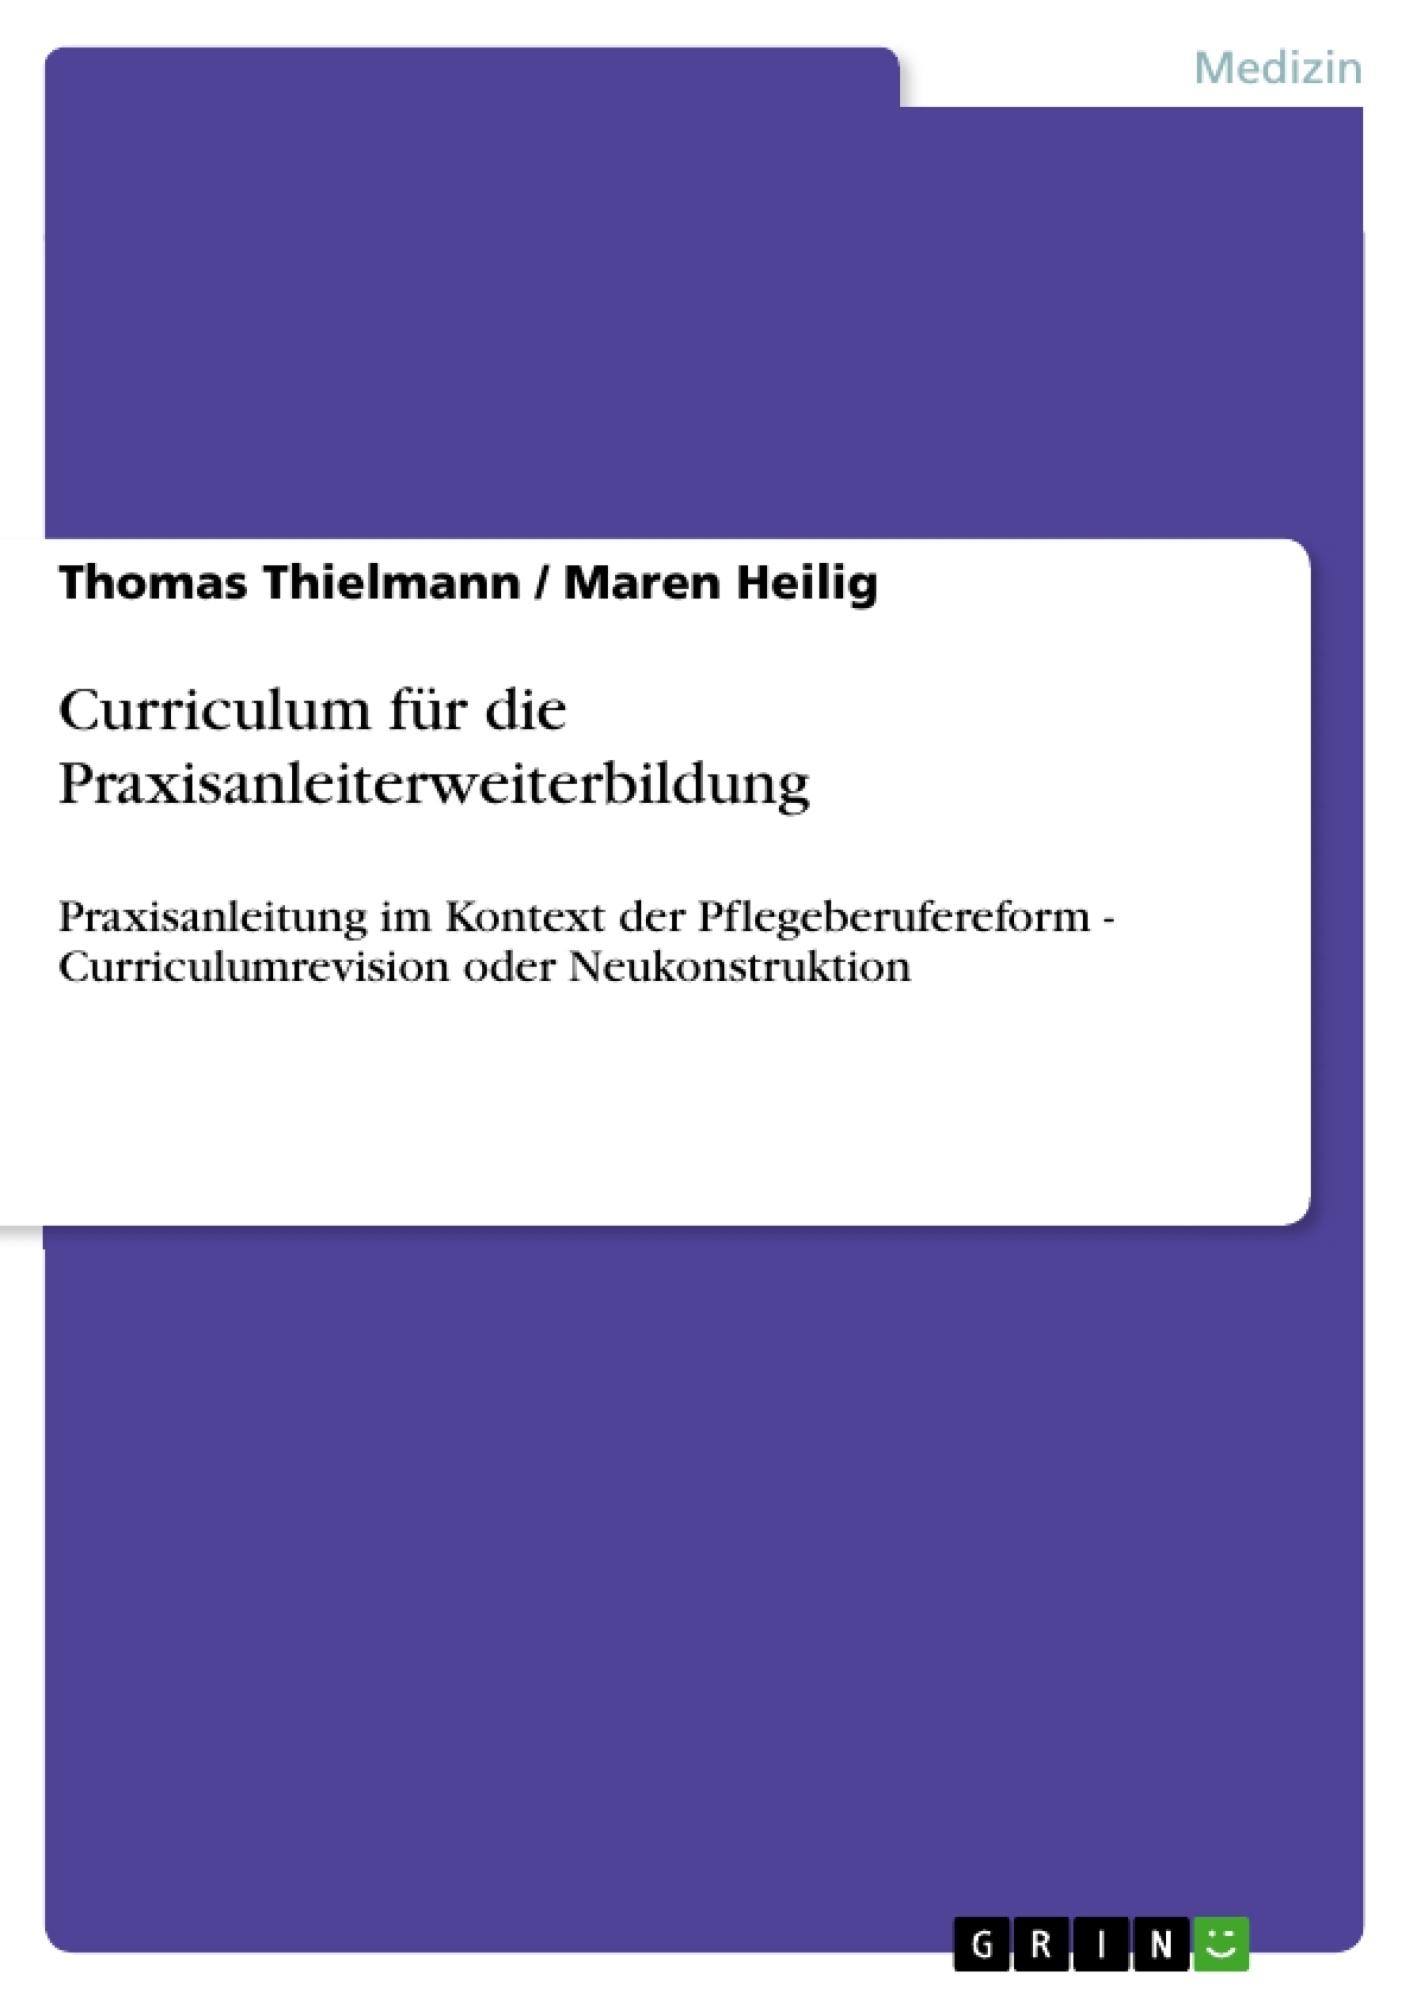 Titel: Curriculum für die Praxisanleiterweiterbildung